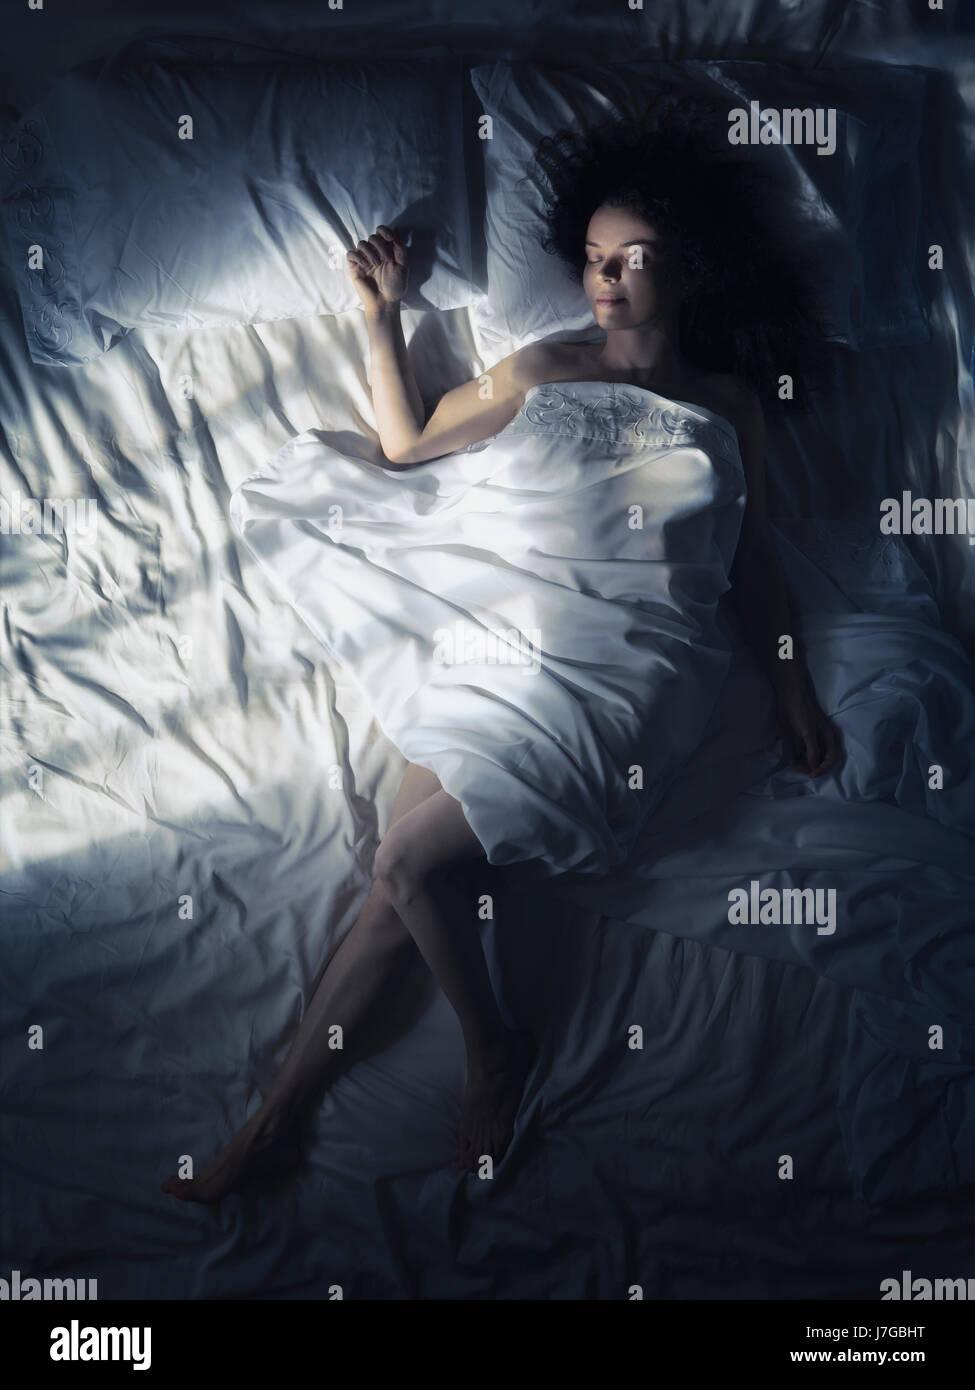 jeune femme dormir seul dans son lit la nuit, dans une chambre